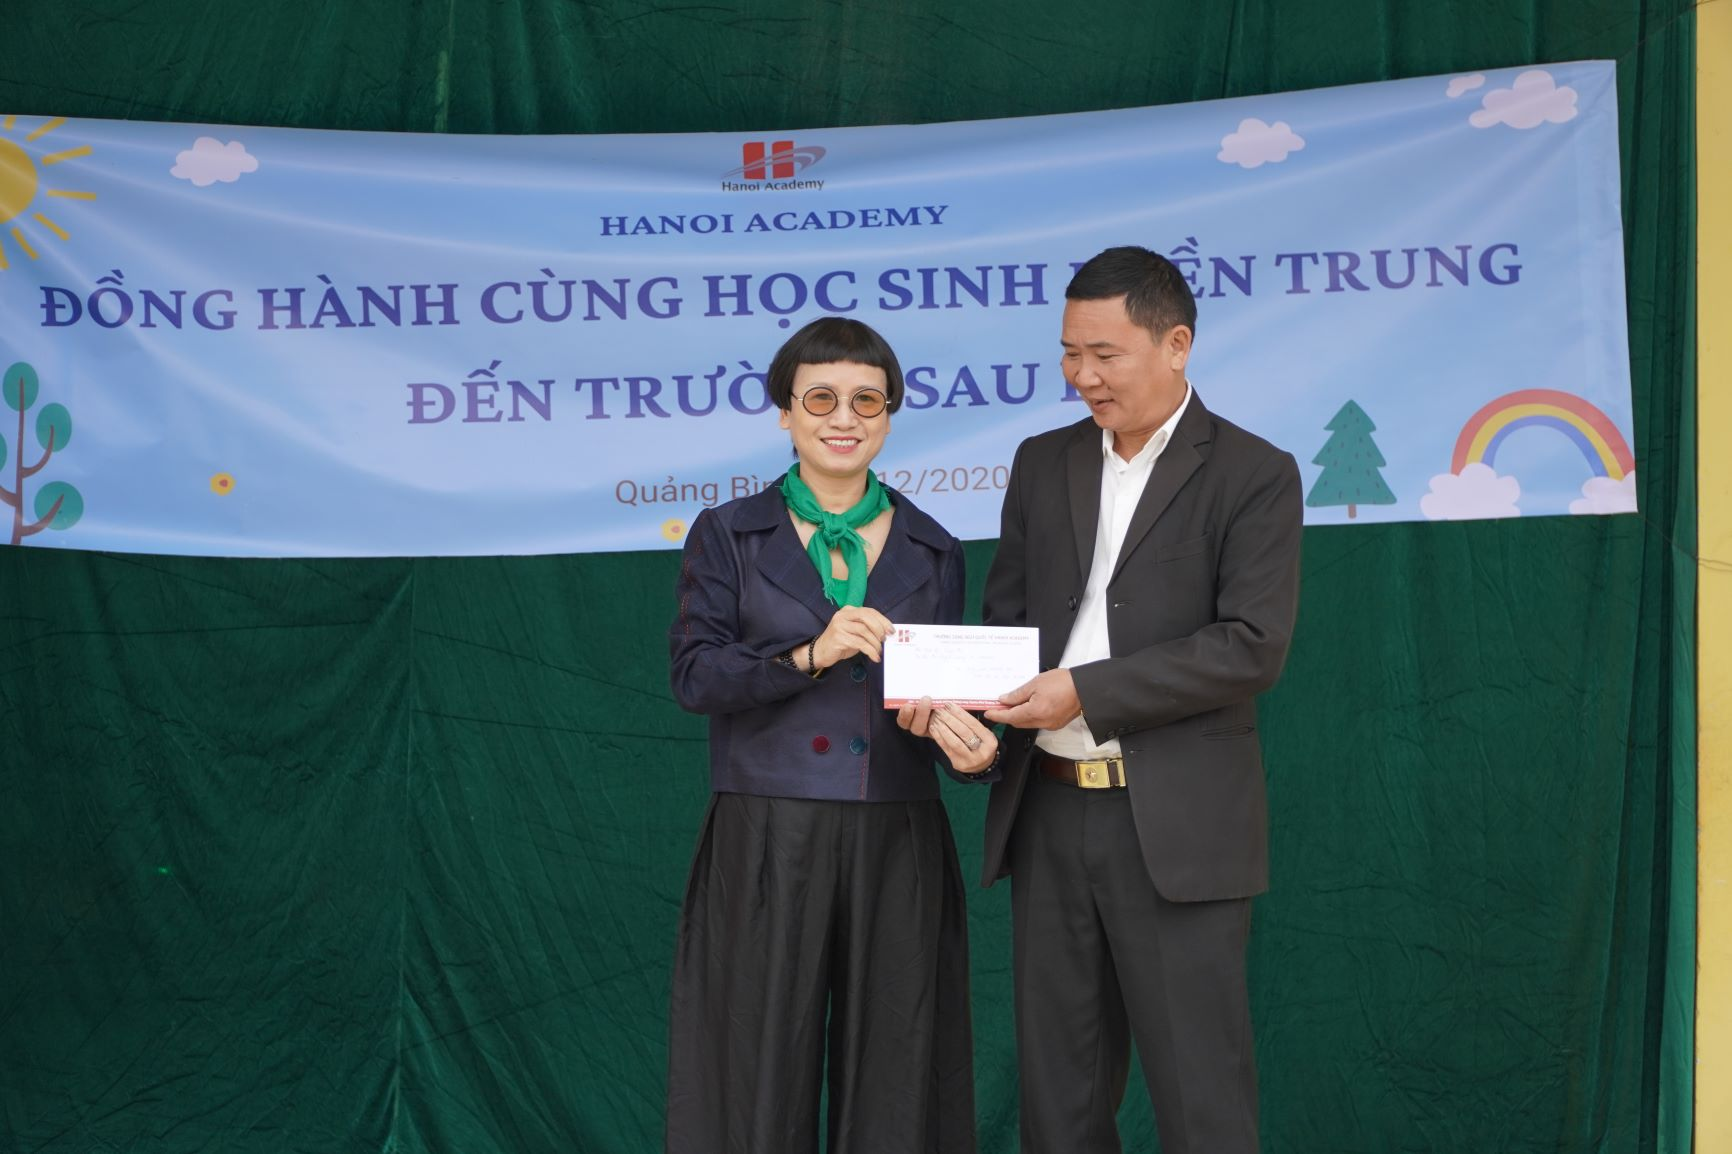 Chuyến đi từ thiện đến Quảng Bình đong đầy yêu thương của Hanoi Academy